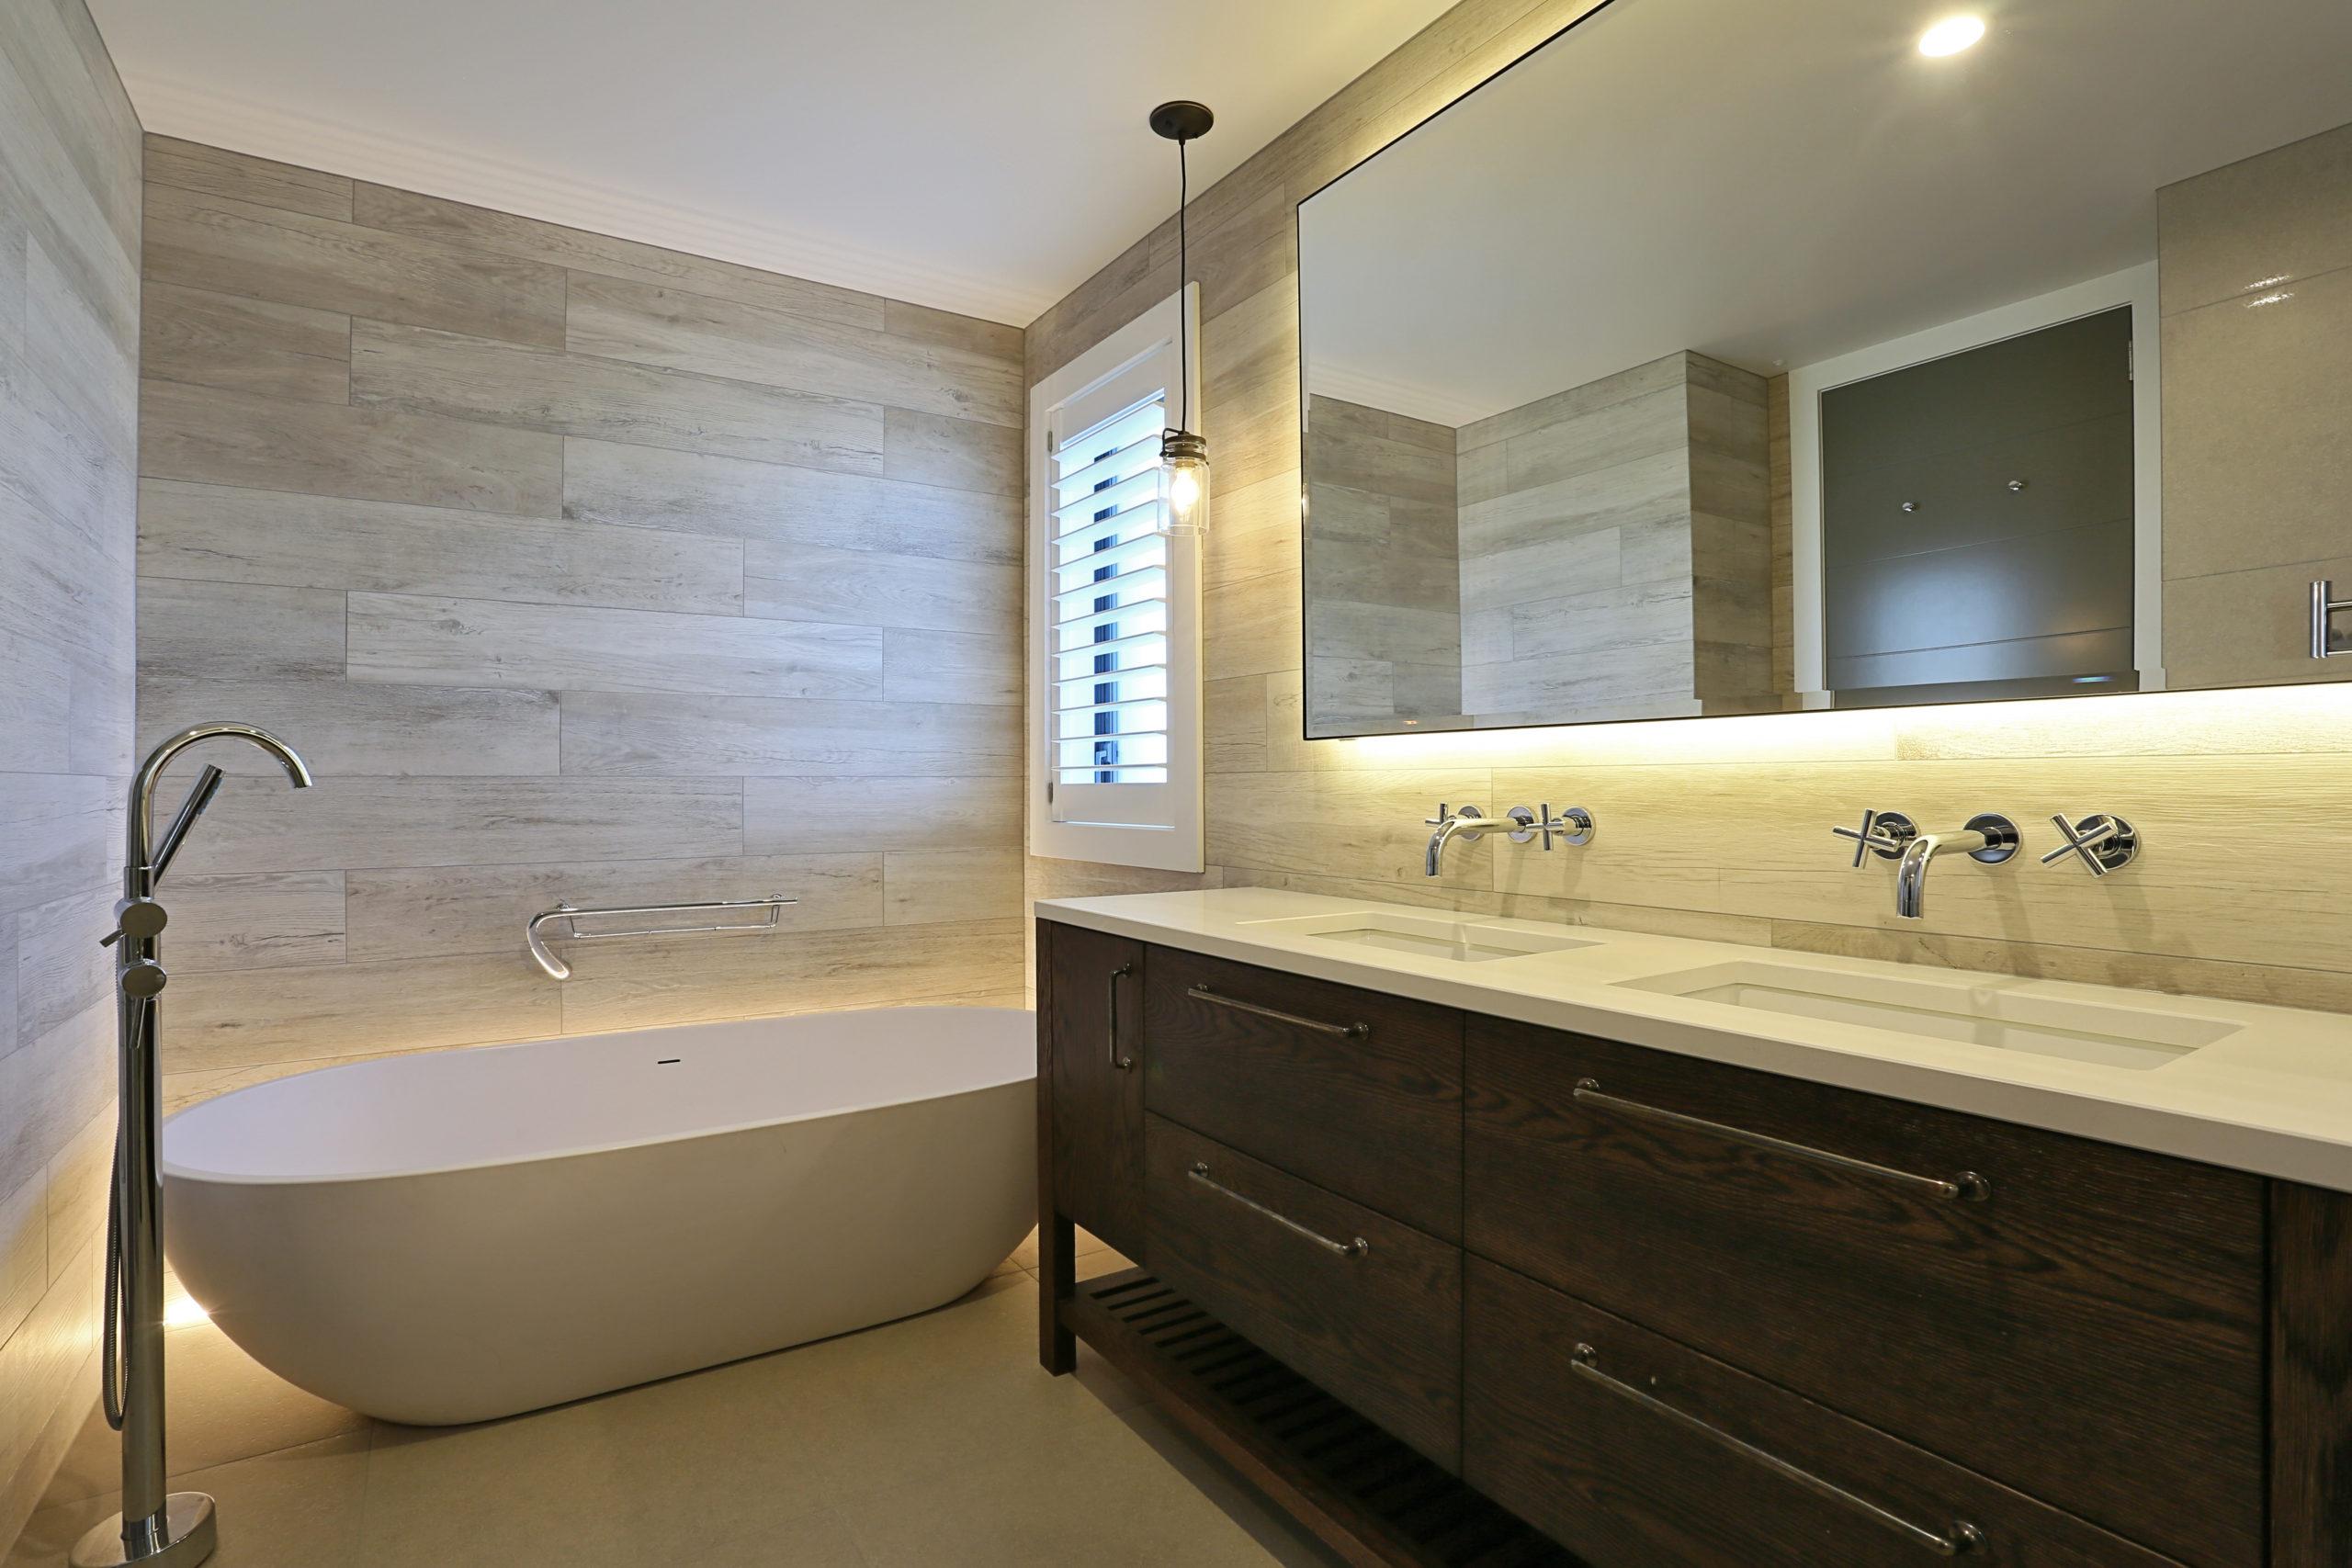 bathroom tiling double vanity bath